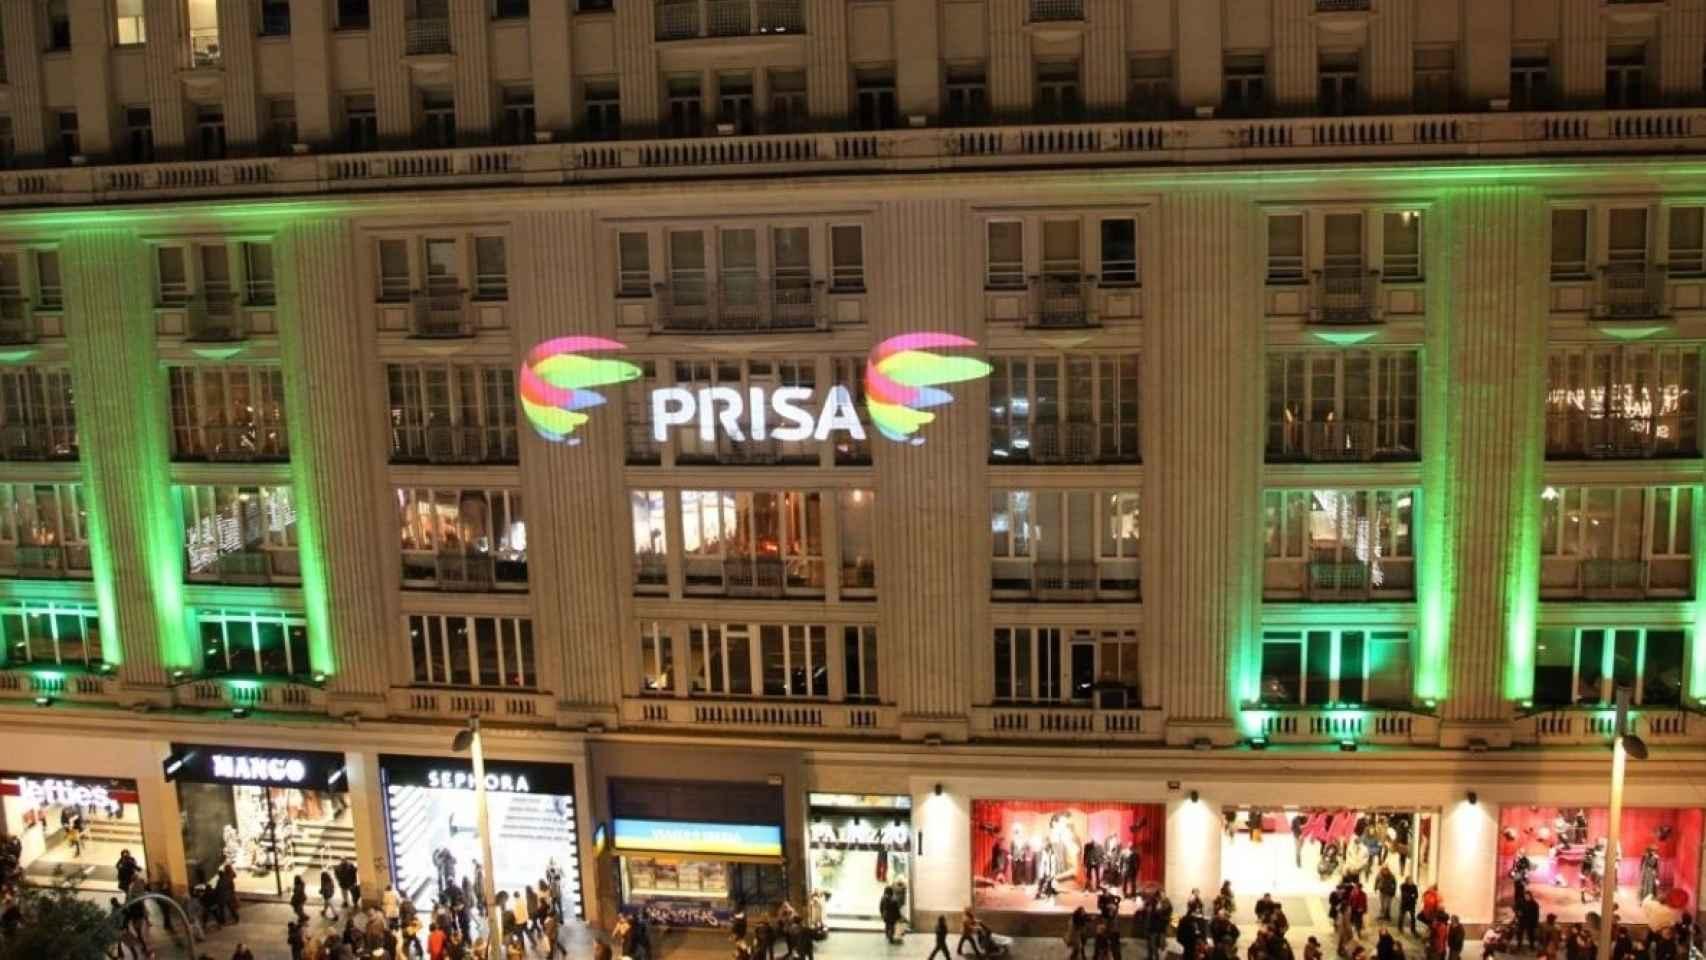 Una de las sedes del grupo Prisa, en el centro de Madrid.